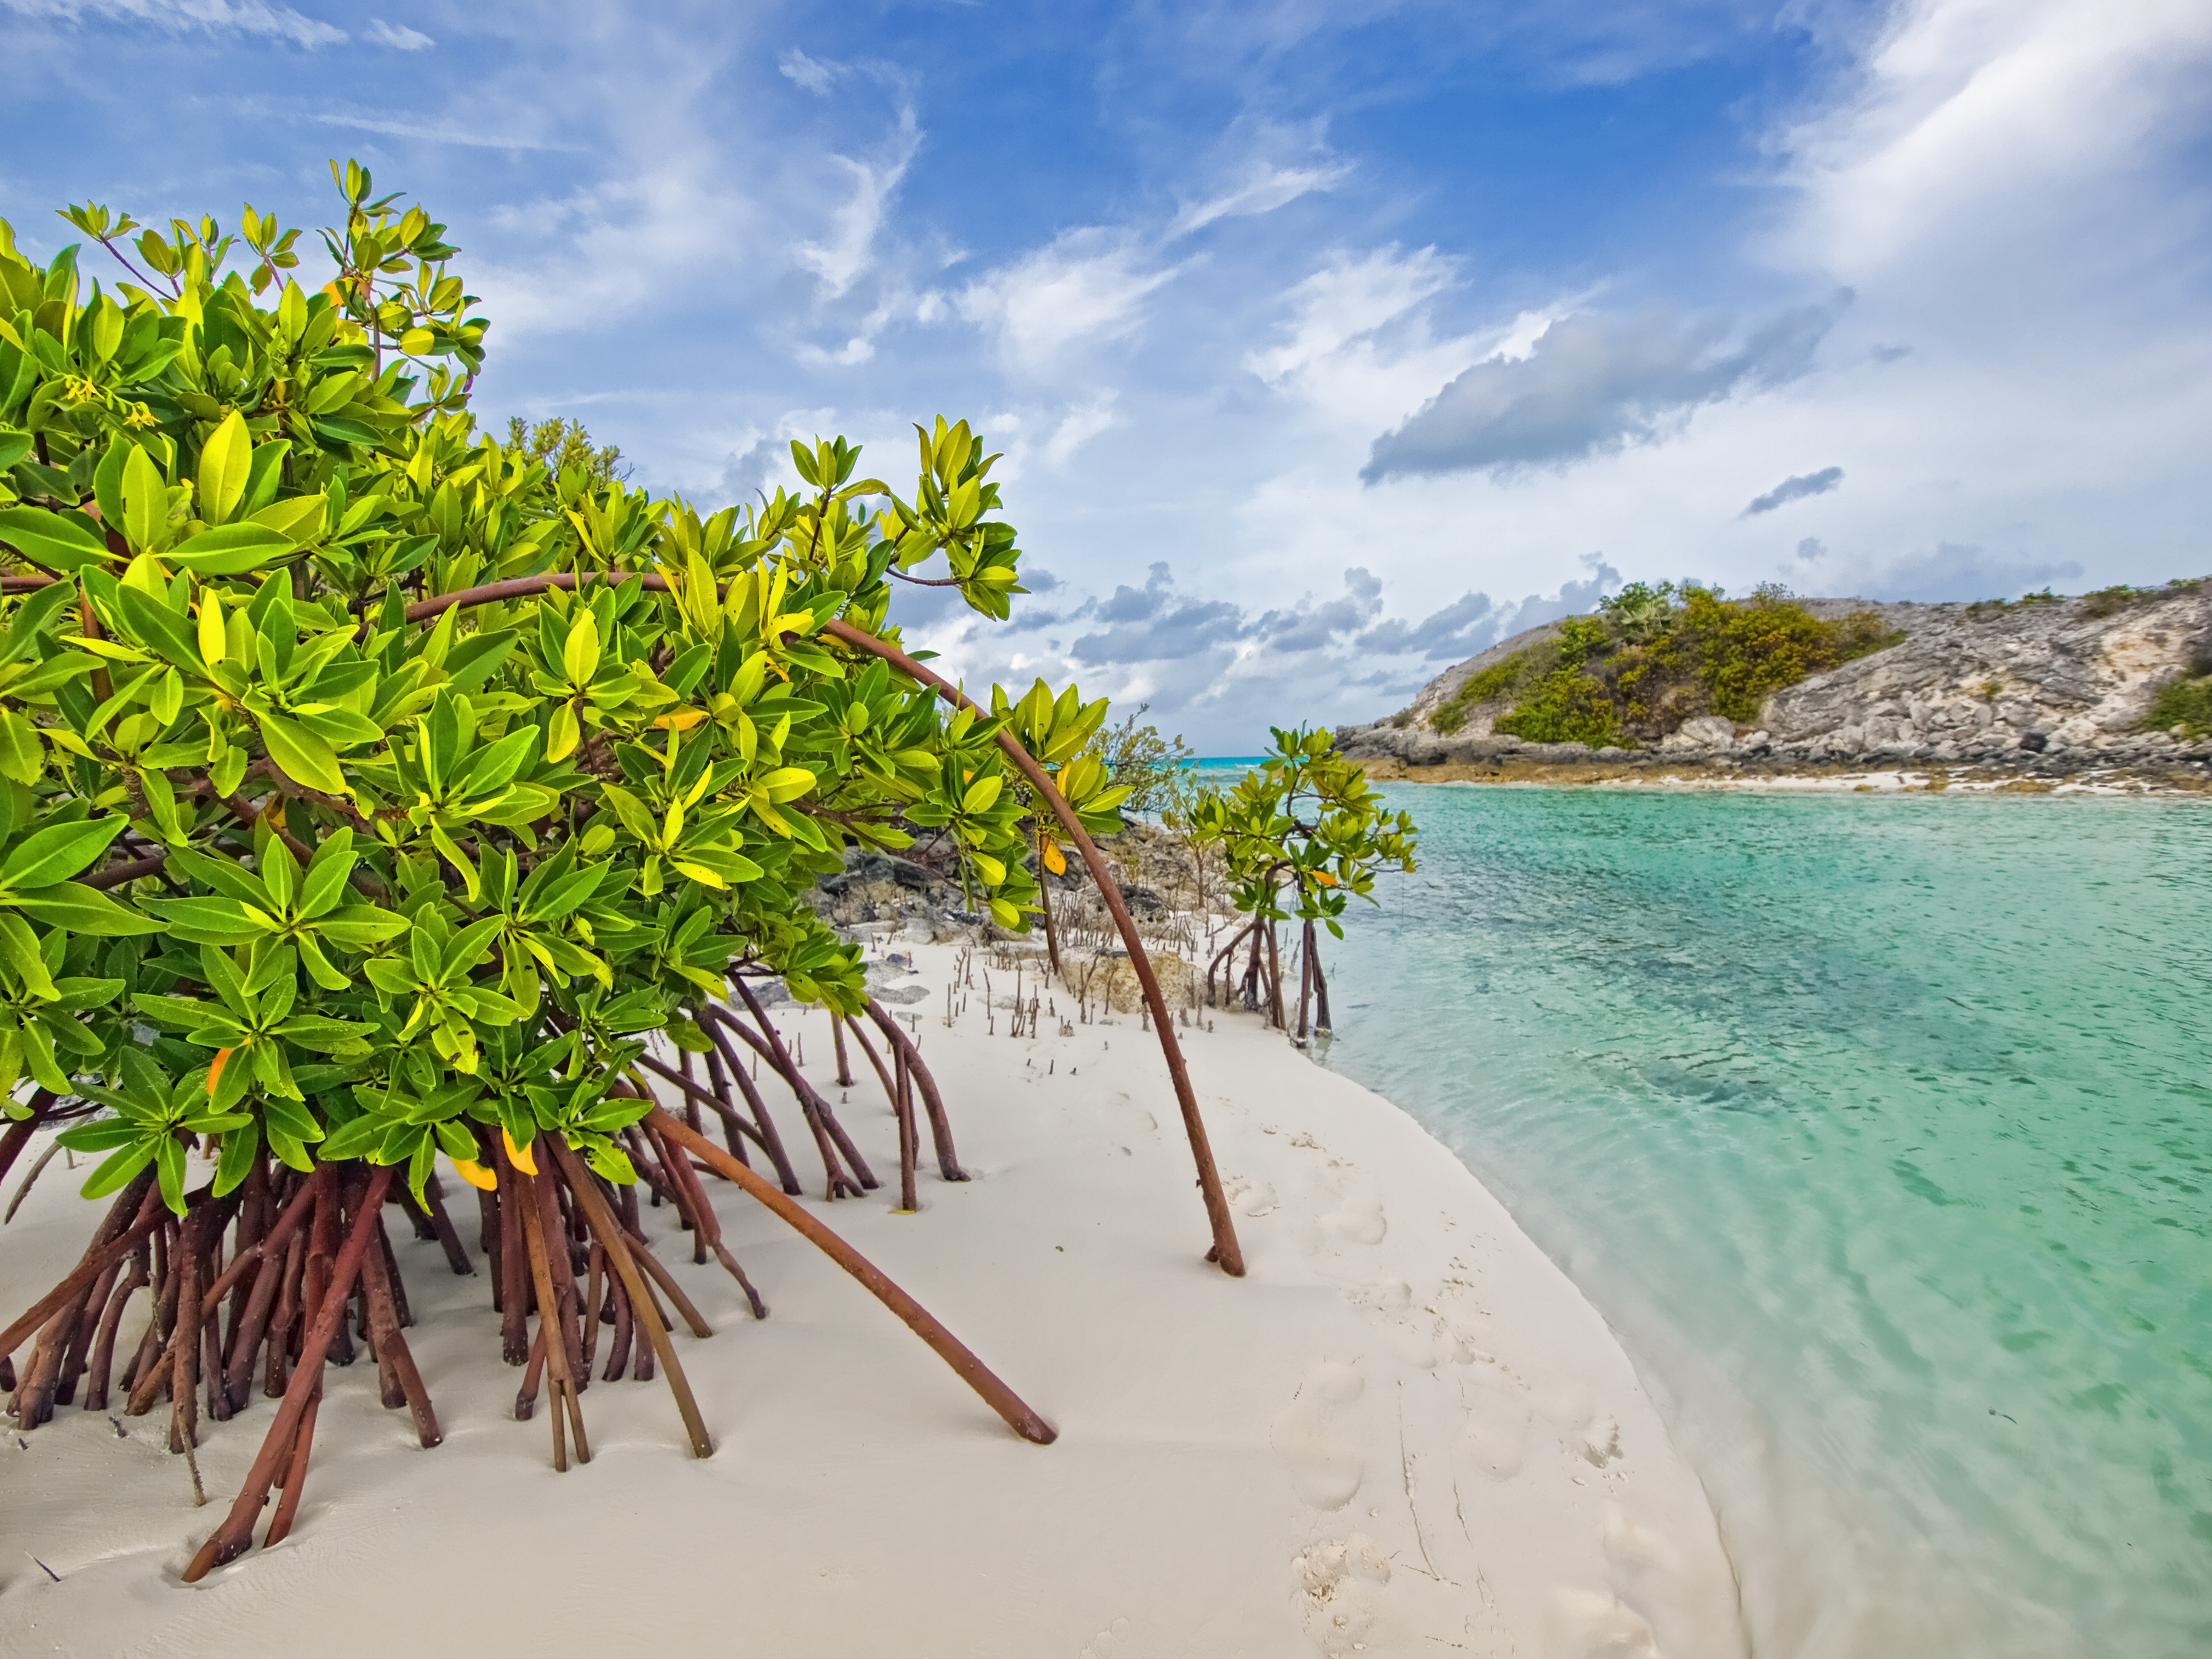 природа море остров деревья загрузить